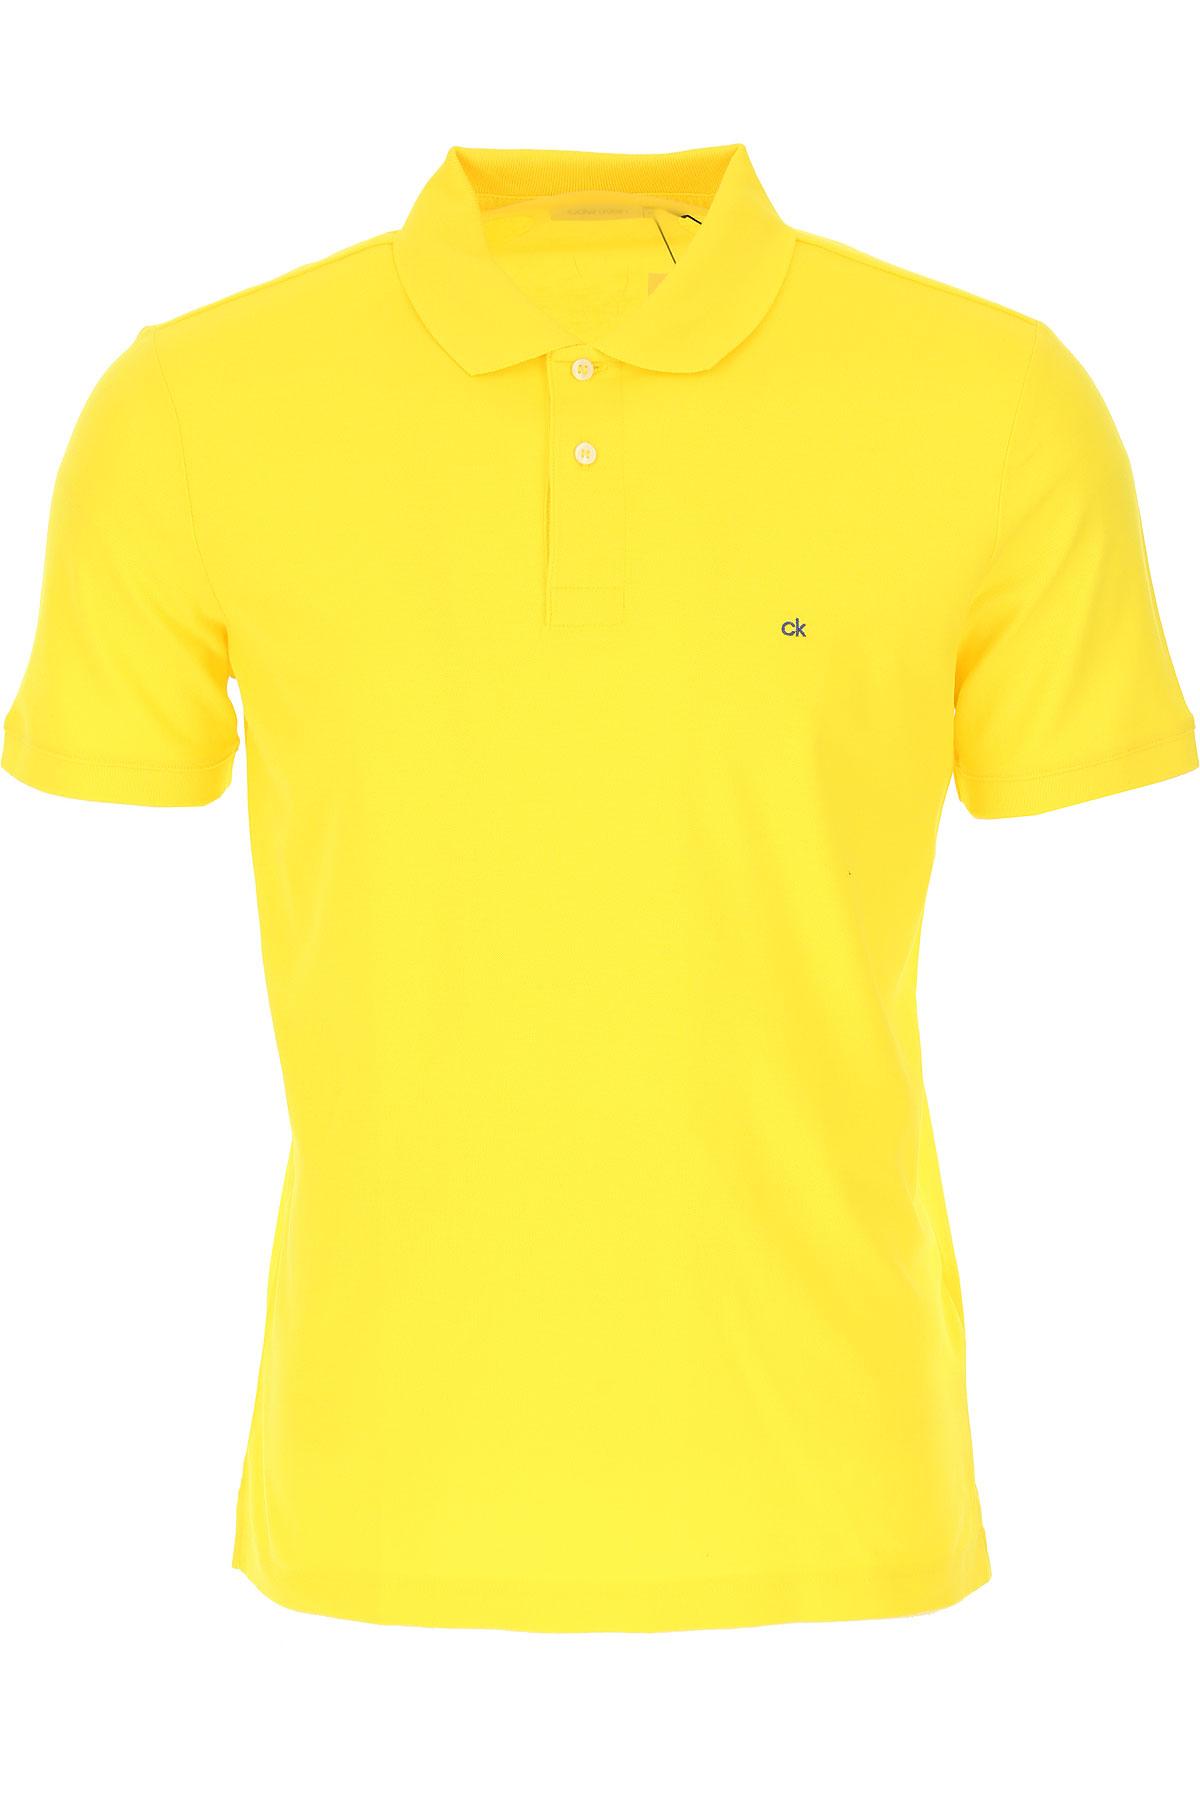 カルバンクライン ポロシャツ男性用 メンズ, イエロー, コットン, 2017, L M S XL XS